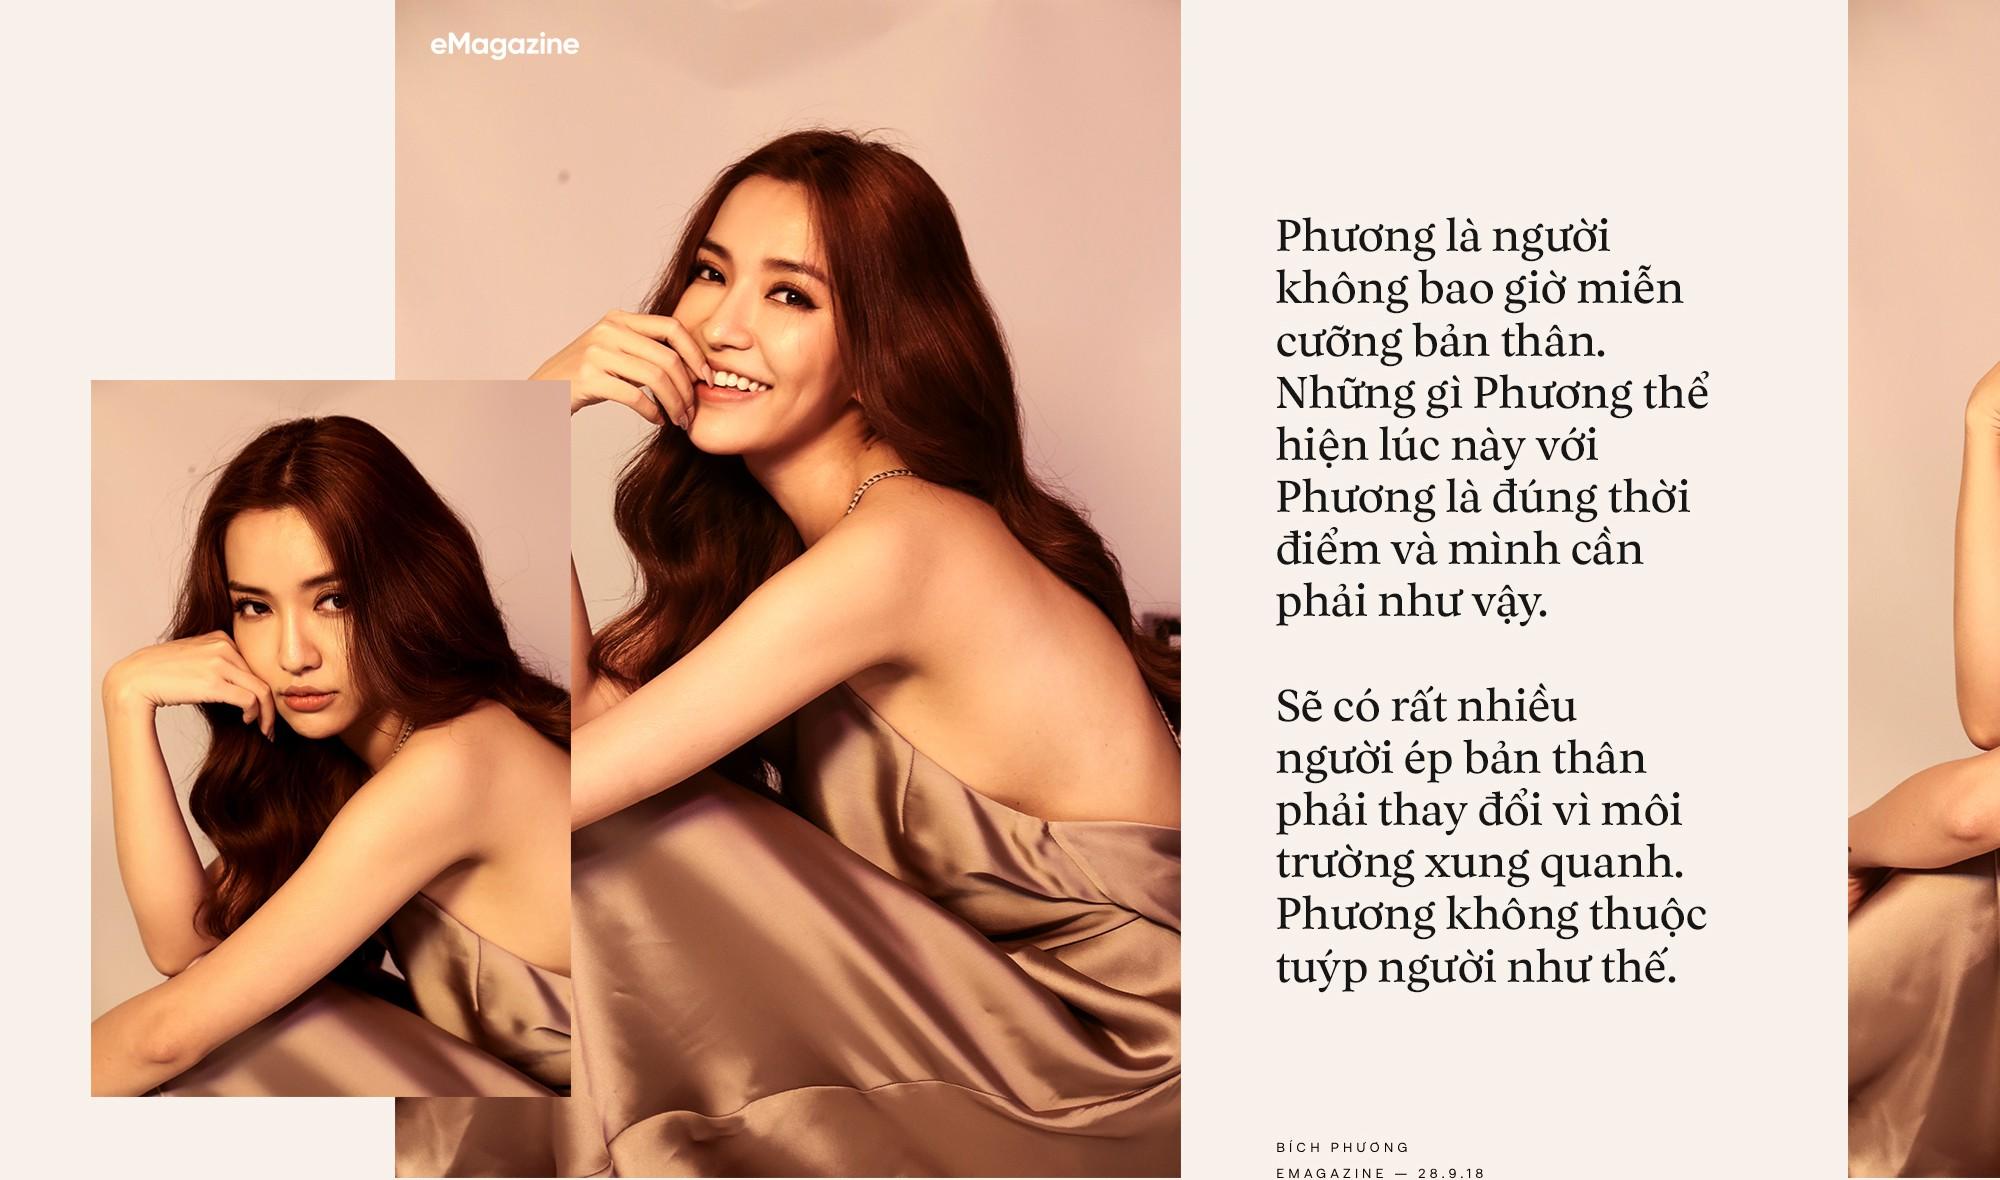 Bích Phương: Chuyện chưa kể về nữ ca sĩ 7 năm quen mình trong ballad, váy dài và những câu chuyện một mình… - Ảnh 9.